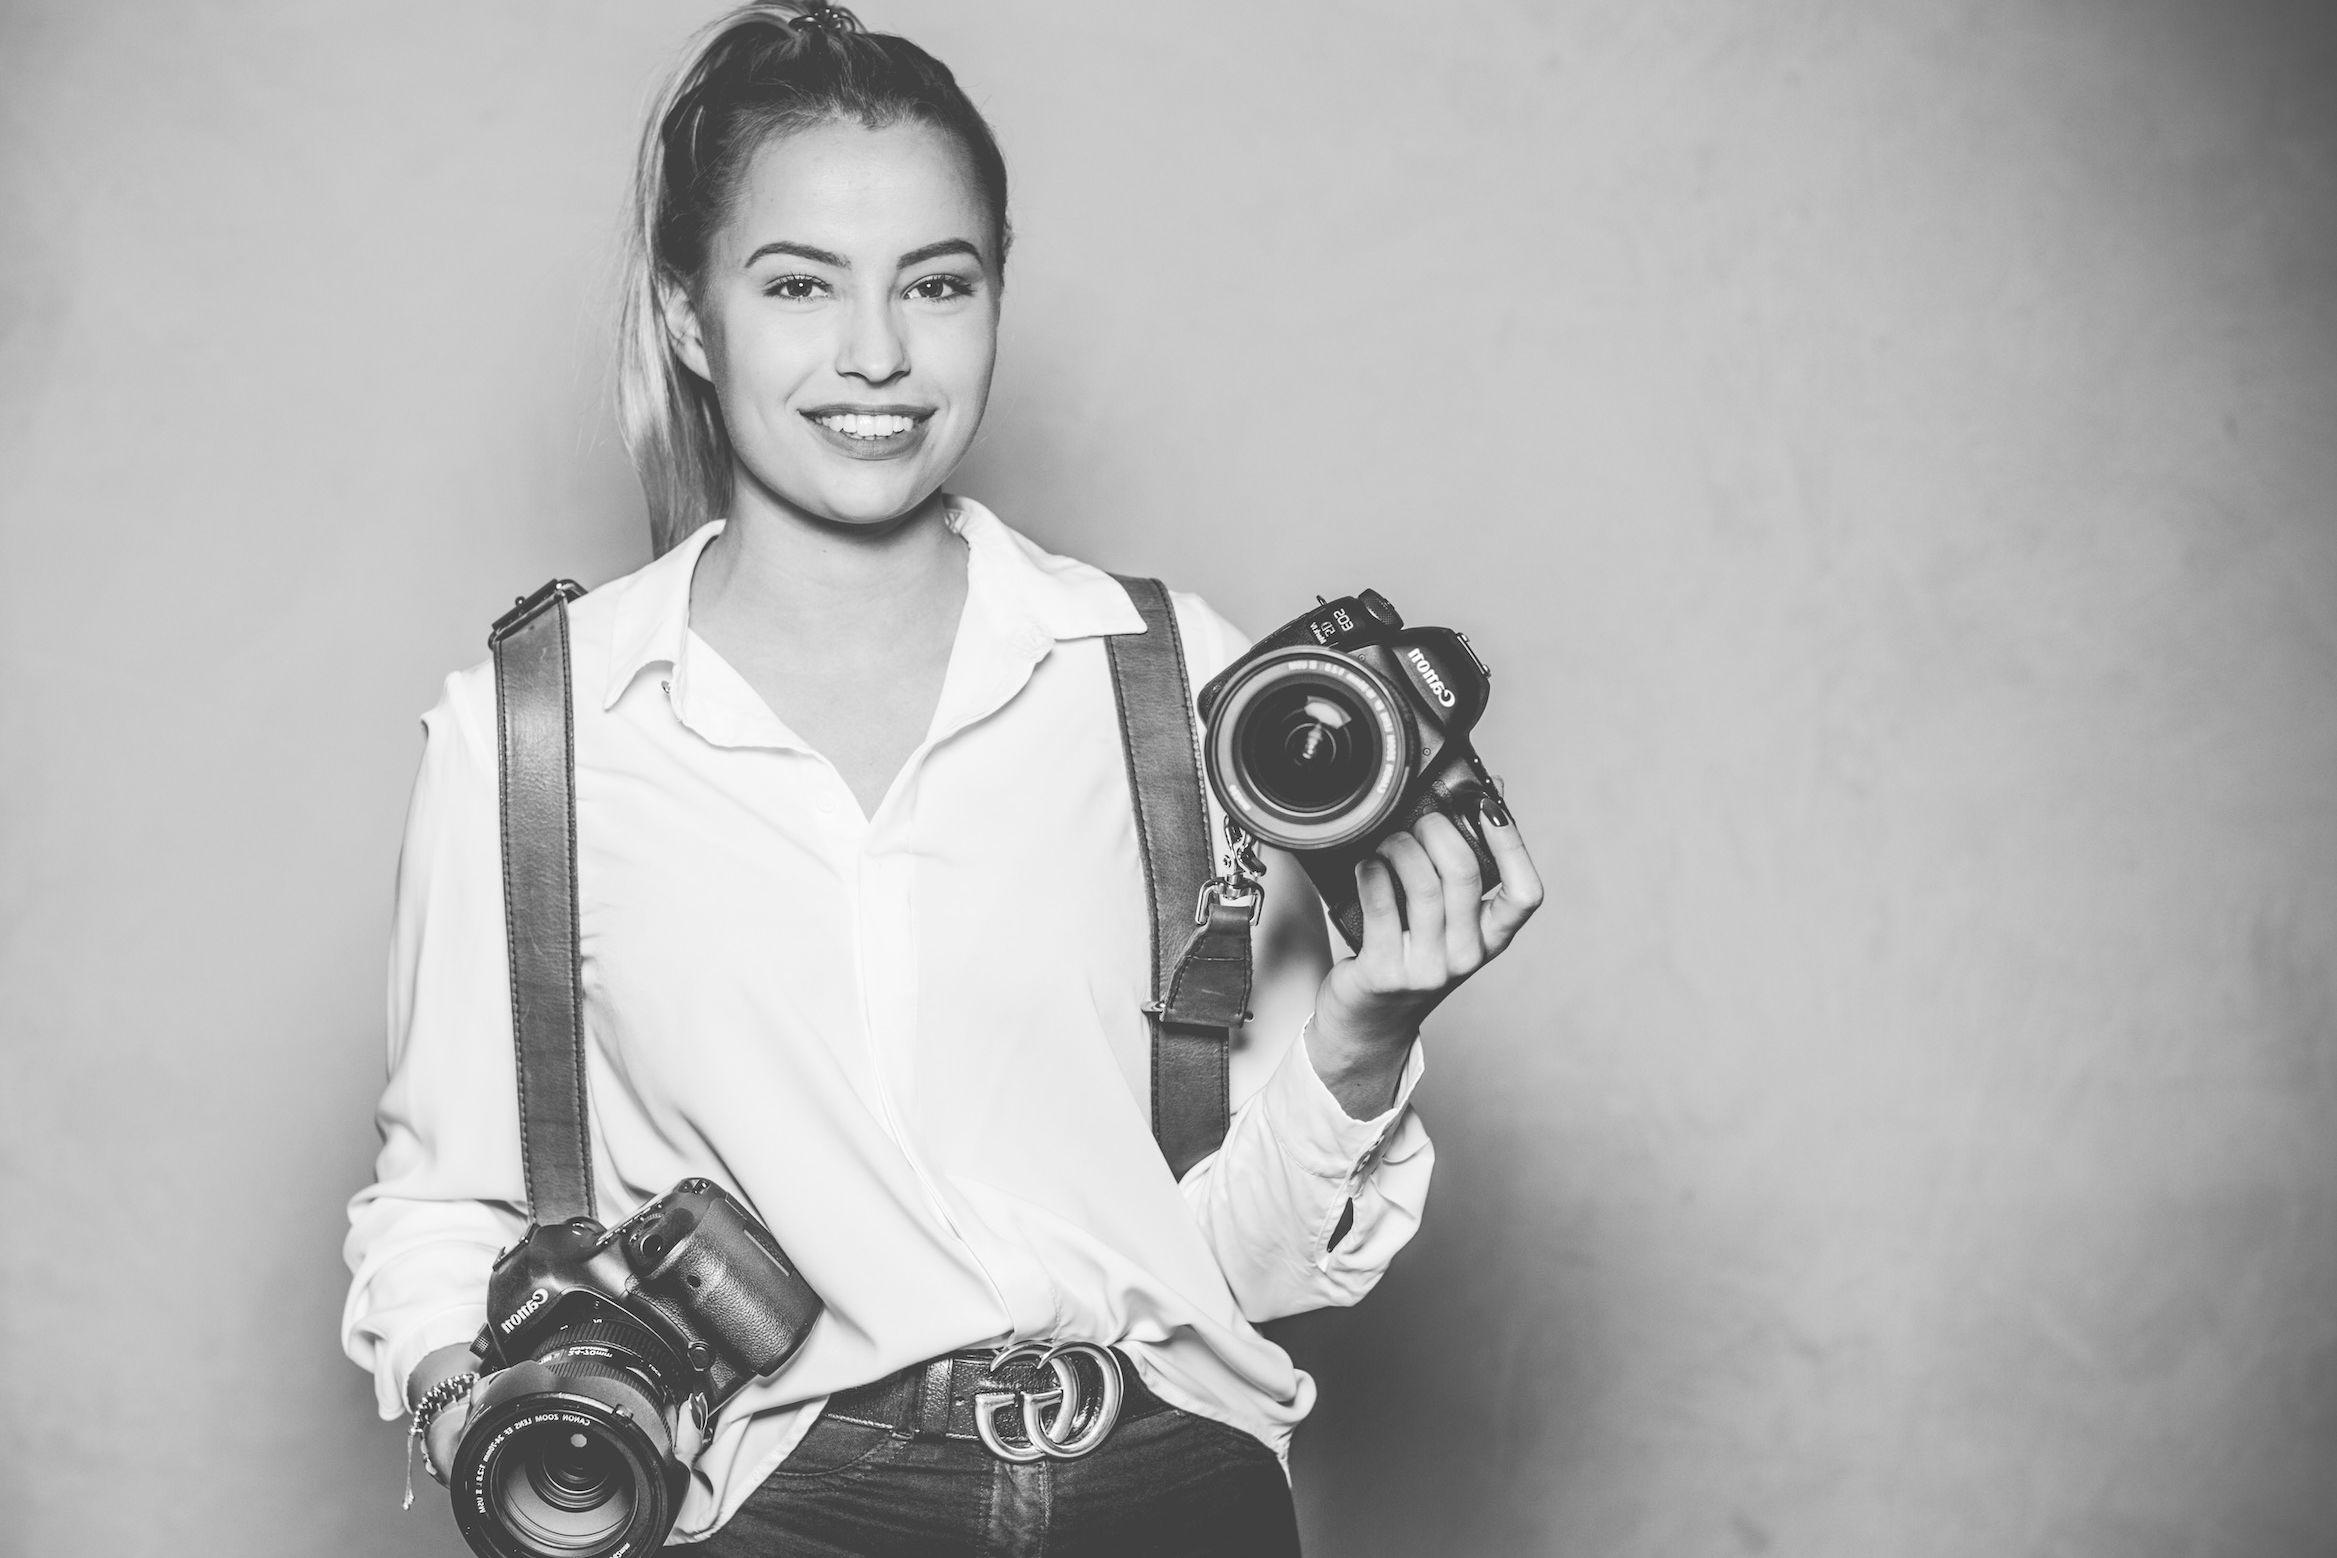 Hochzeitsfotografin | Hannover | Hameln | Peine | Braunschweig | Event | Fotograf | Hochzeitsreportage | Hochzeitsfotografie | Fotografie | Fotografen | Paulina | Helmeke | Mieten | Buchen | Lehmann | Eventservice